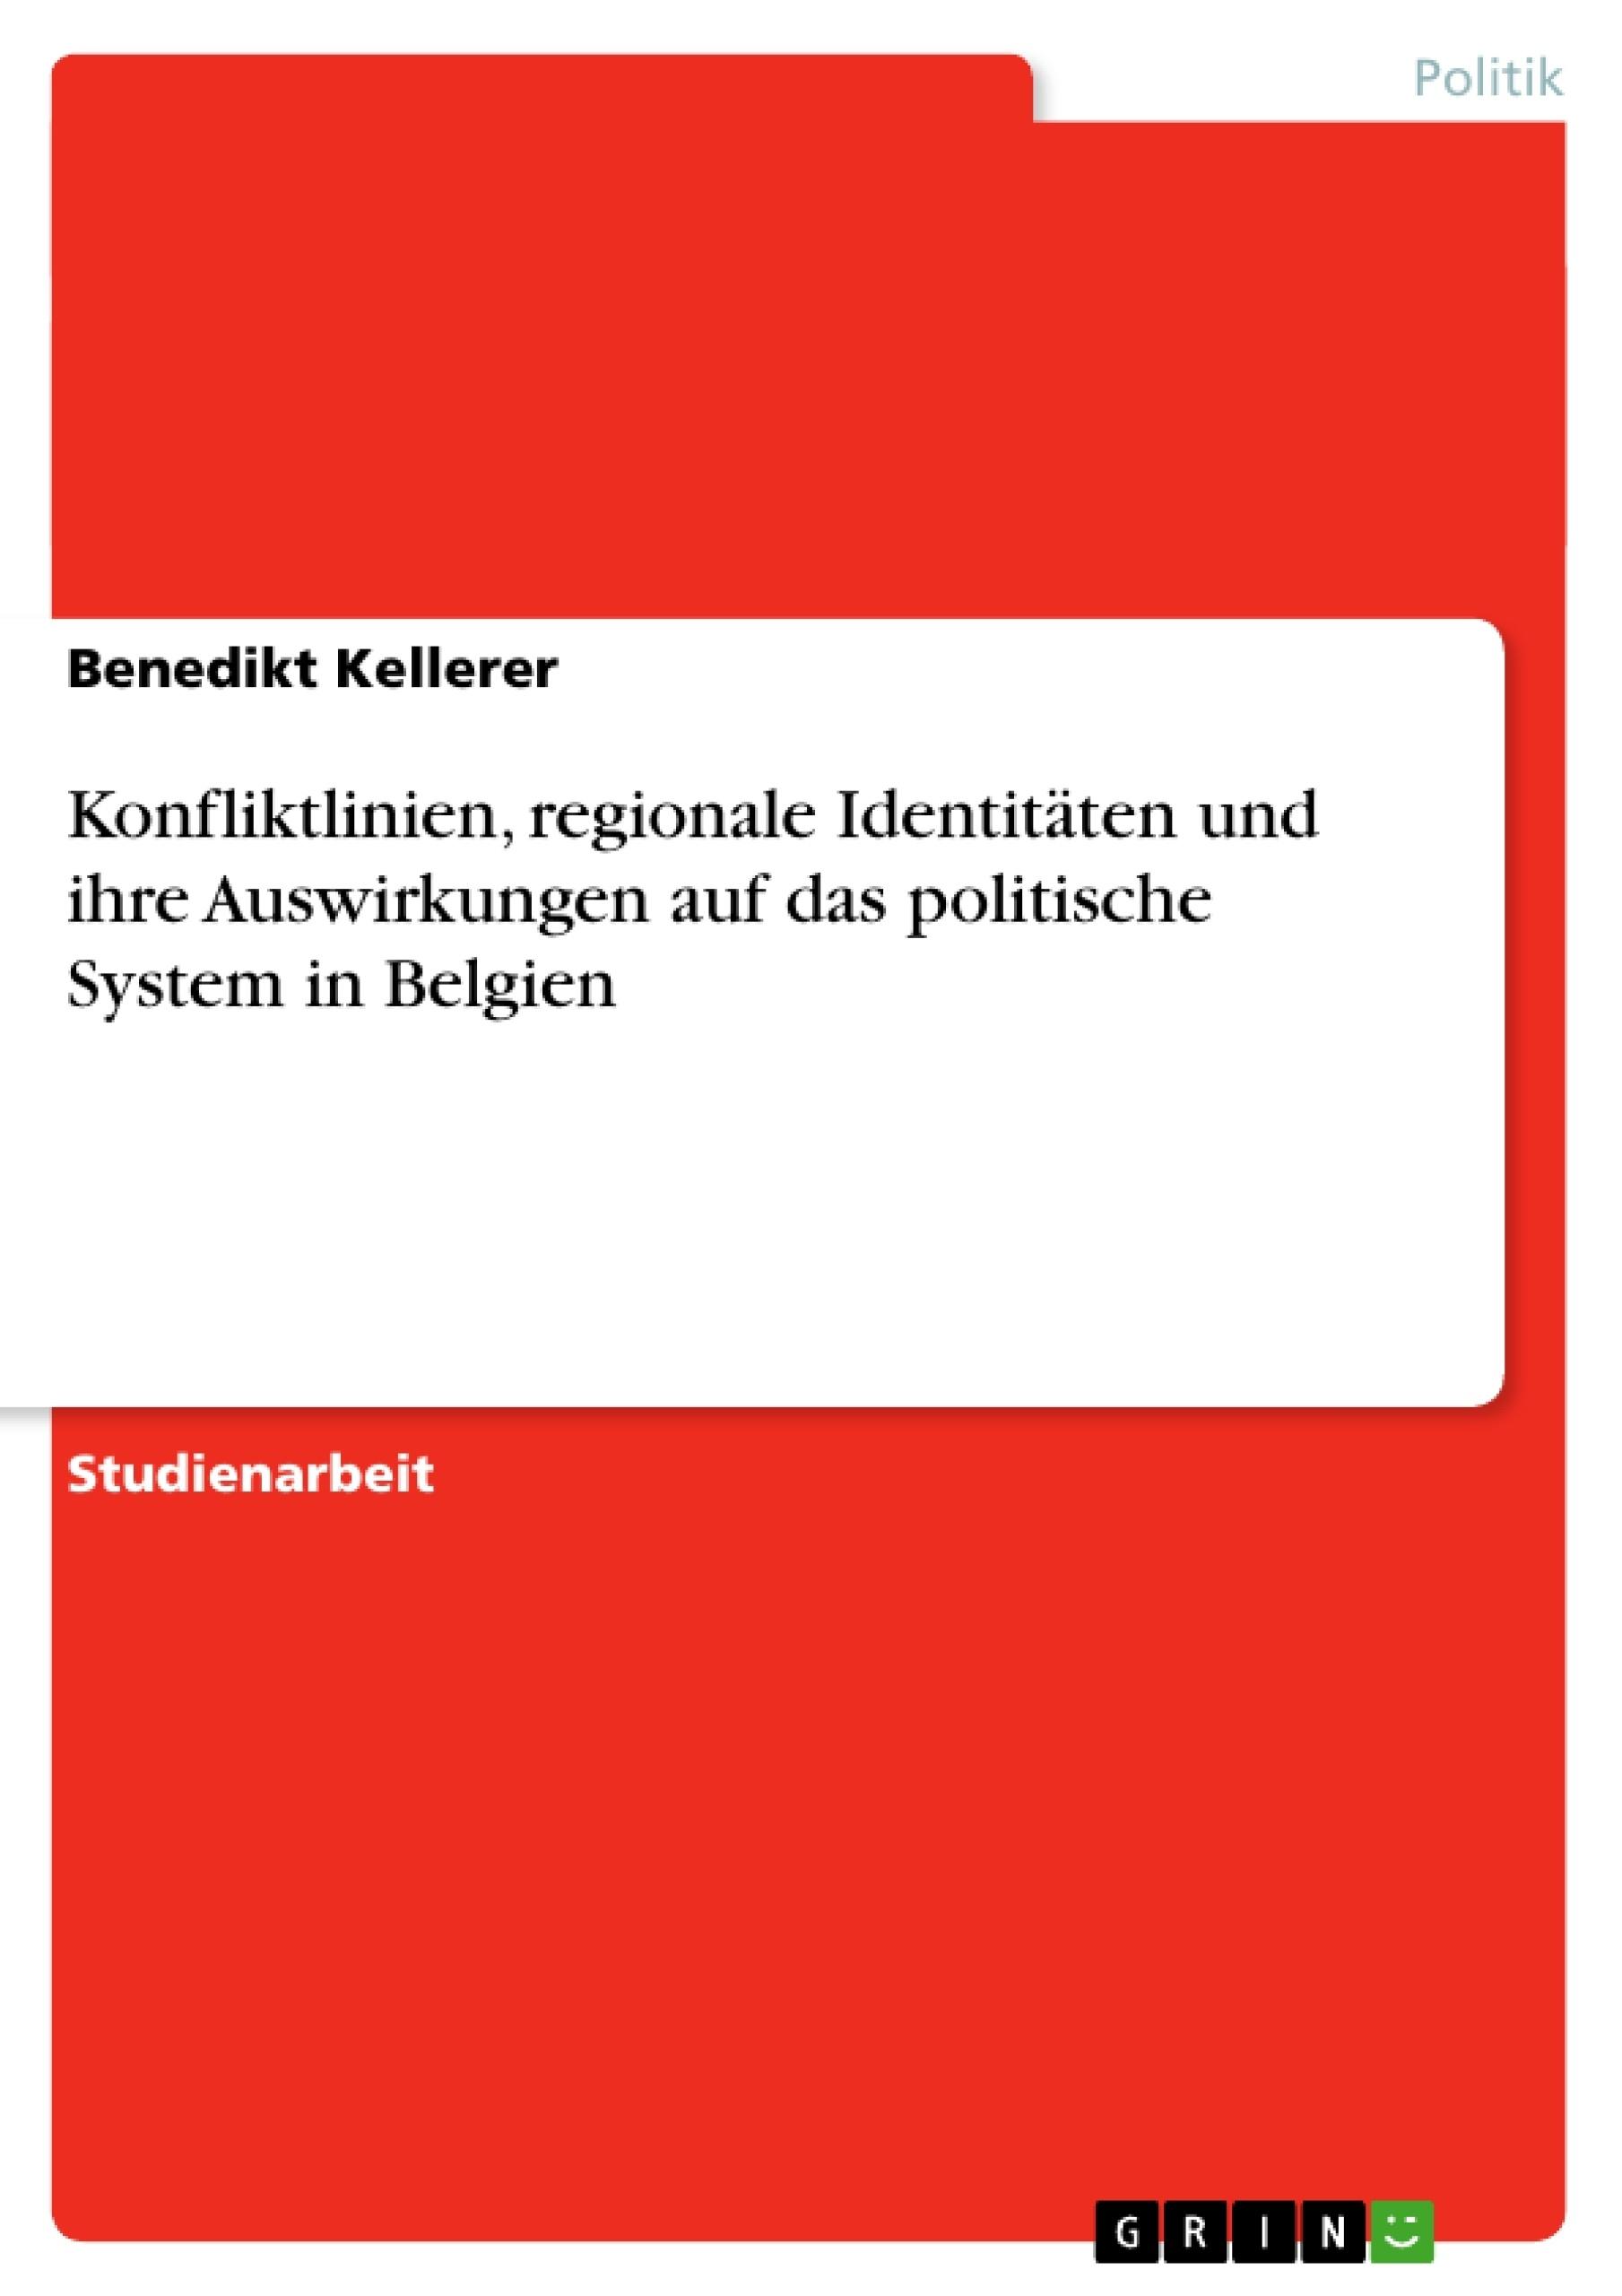 Titel: Konfliktlinien, regionale Identitäten und ihre Auswirkungen auf das politische System in Belgien